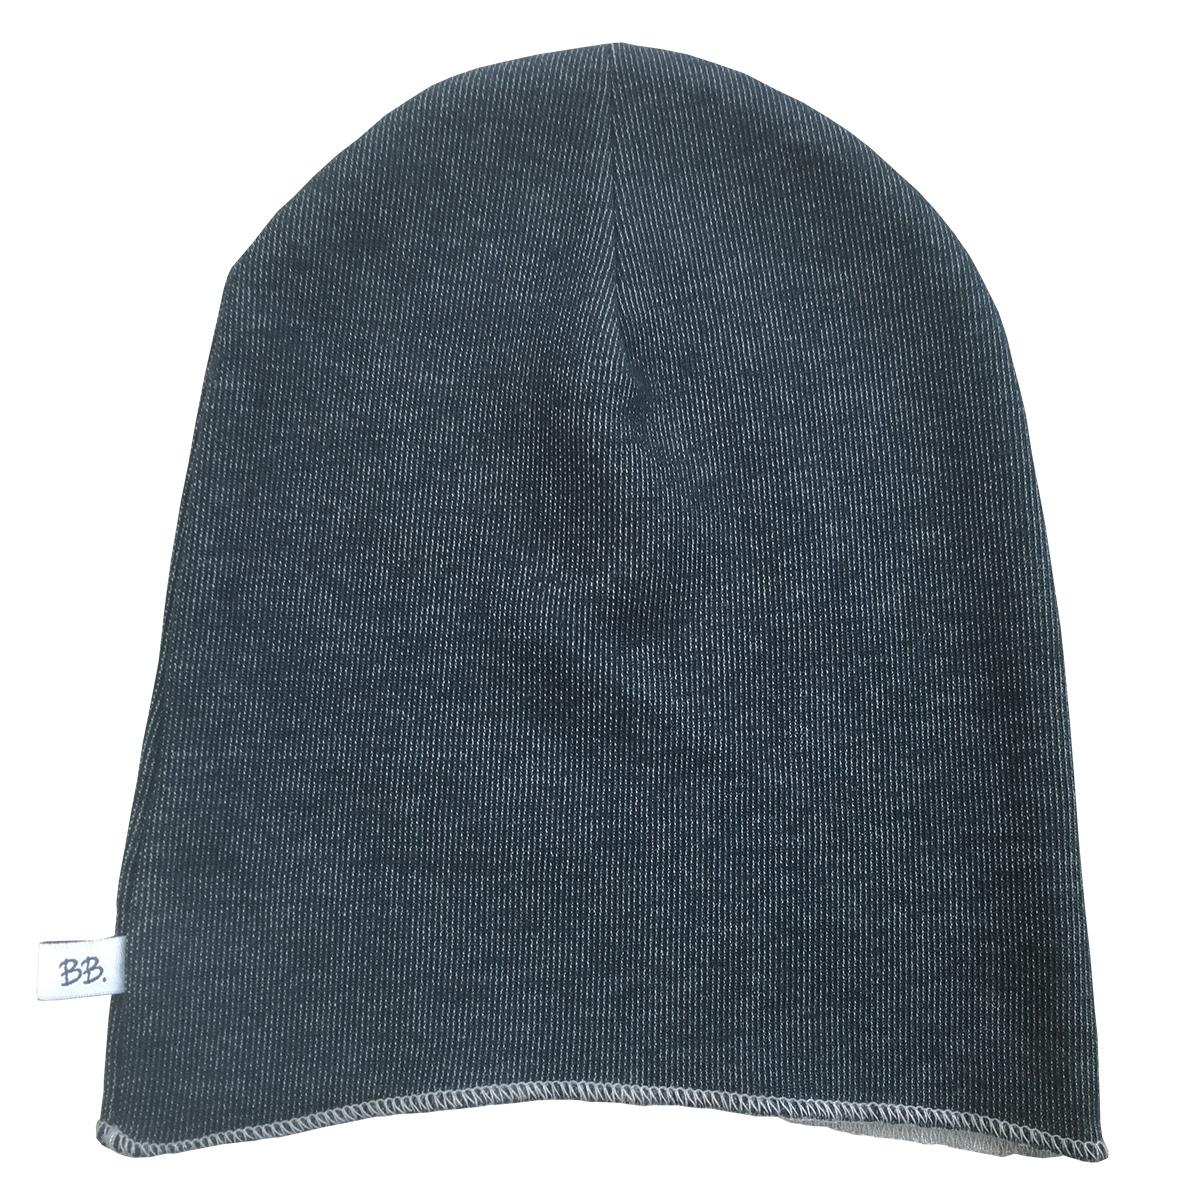 Accessoires bébé Bonnet Anthracite - Taille S Bonnet Anthracite - Taille S